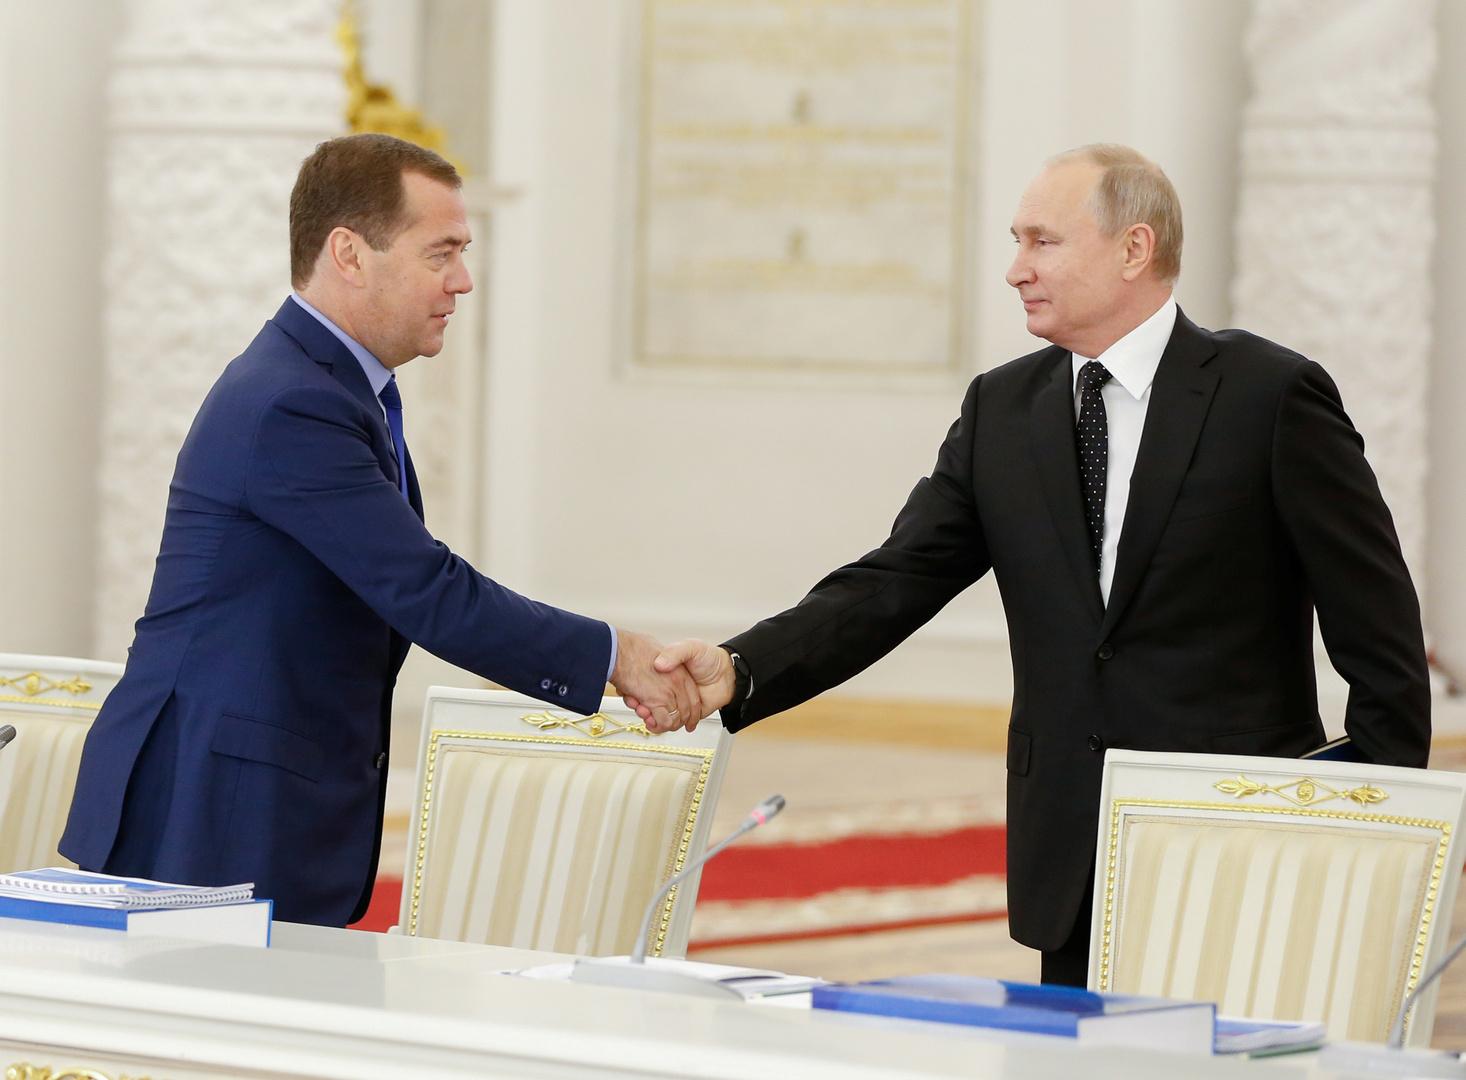 بوتين يمنح مدفيديف وسام الاستحقاق الوطني من الدرجة الثالثة